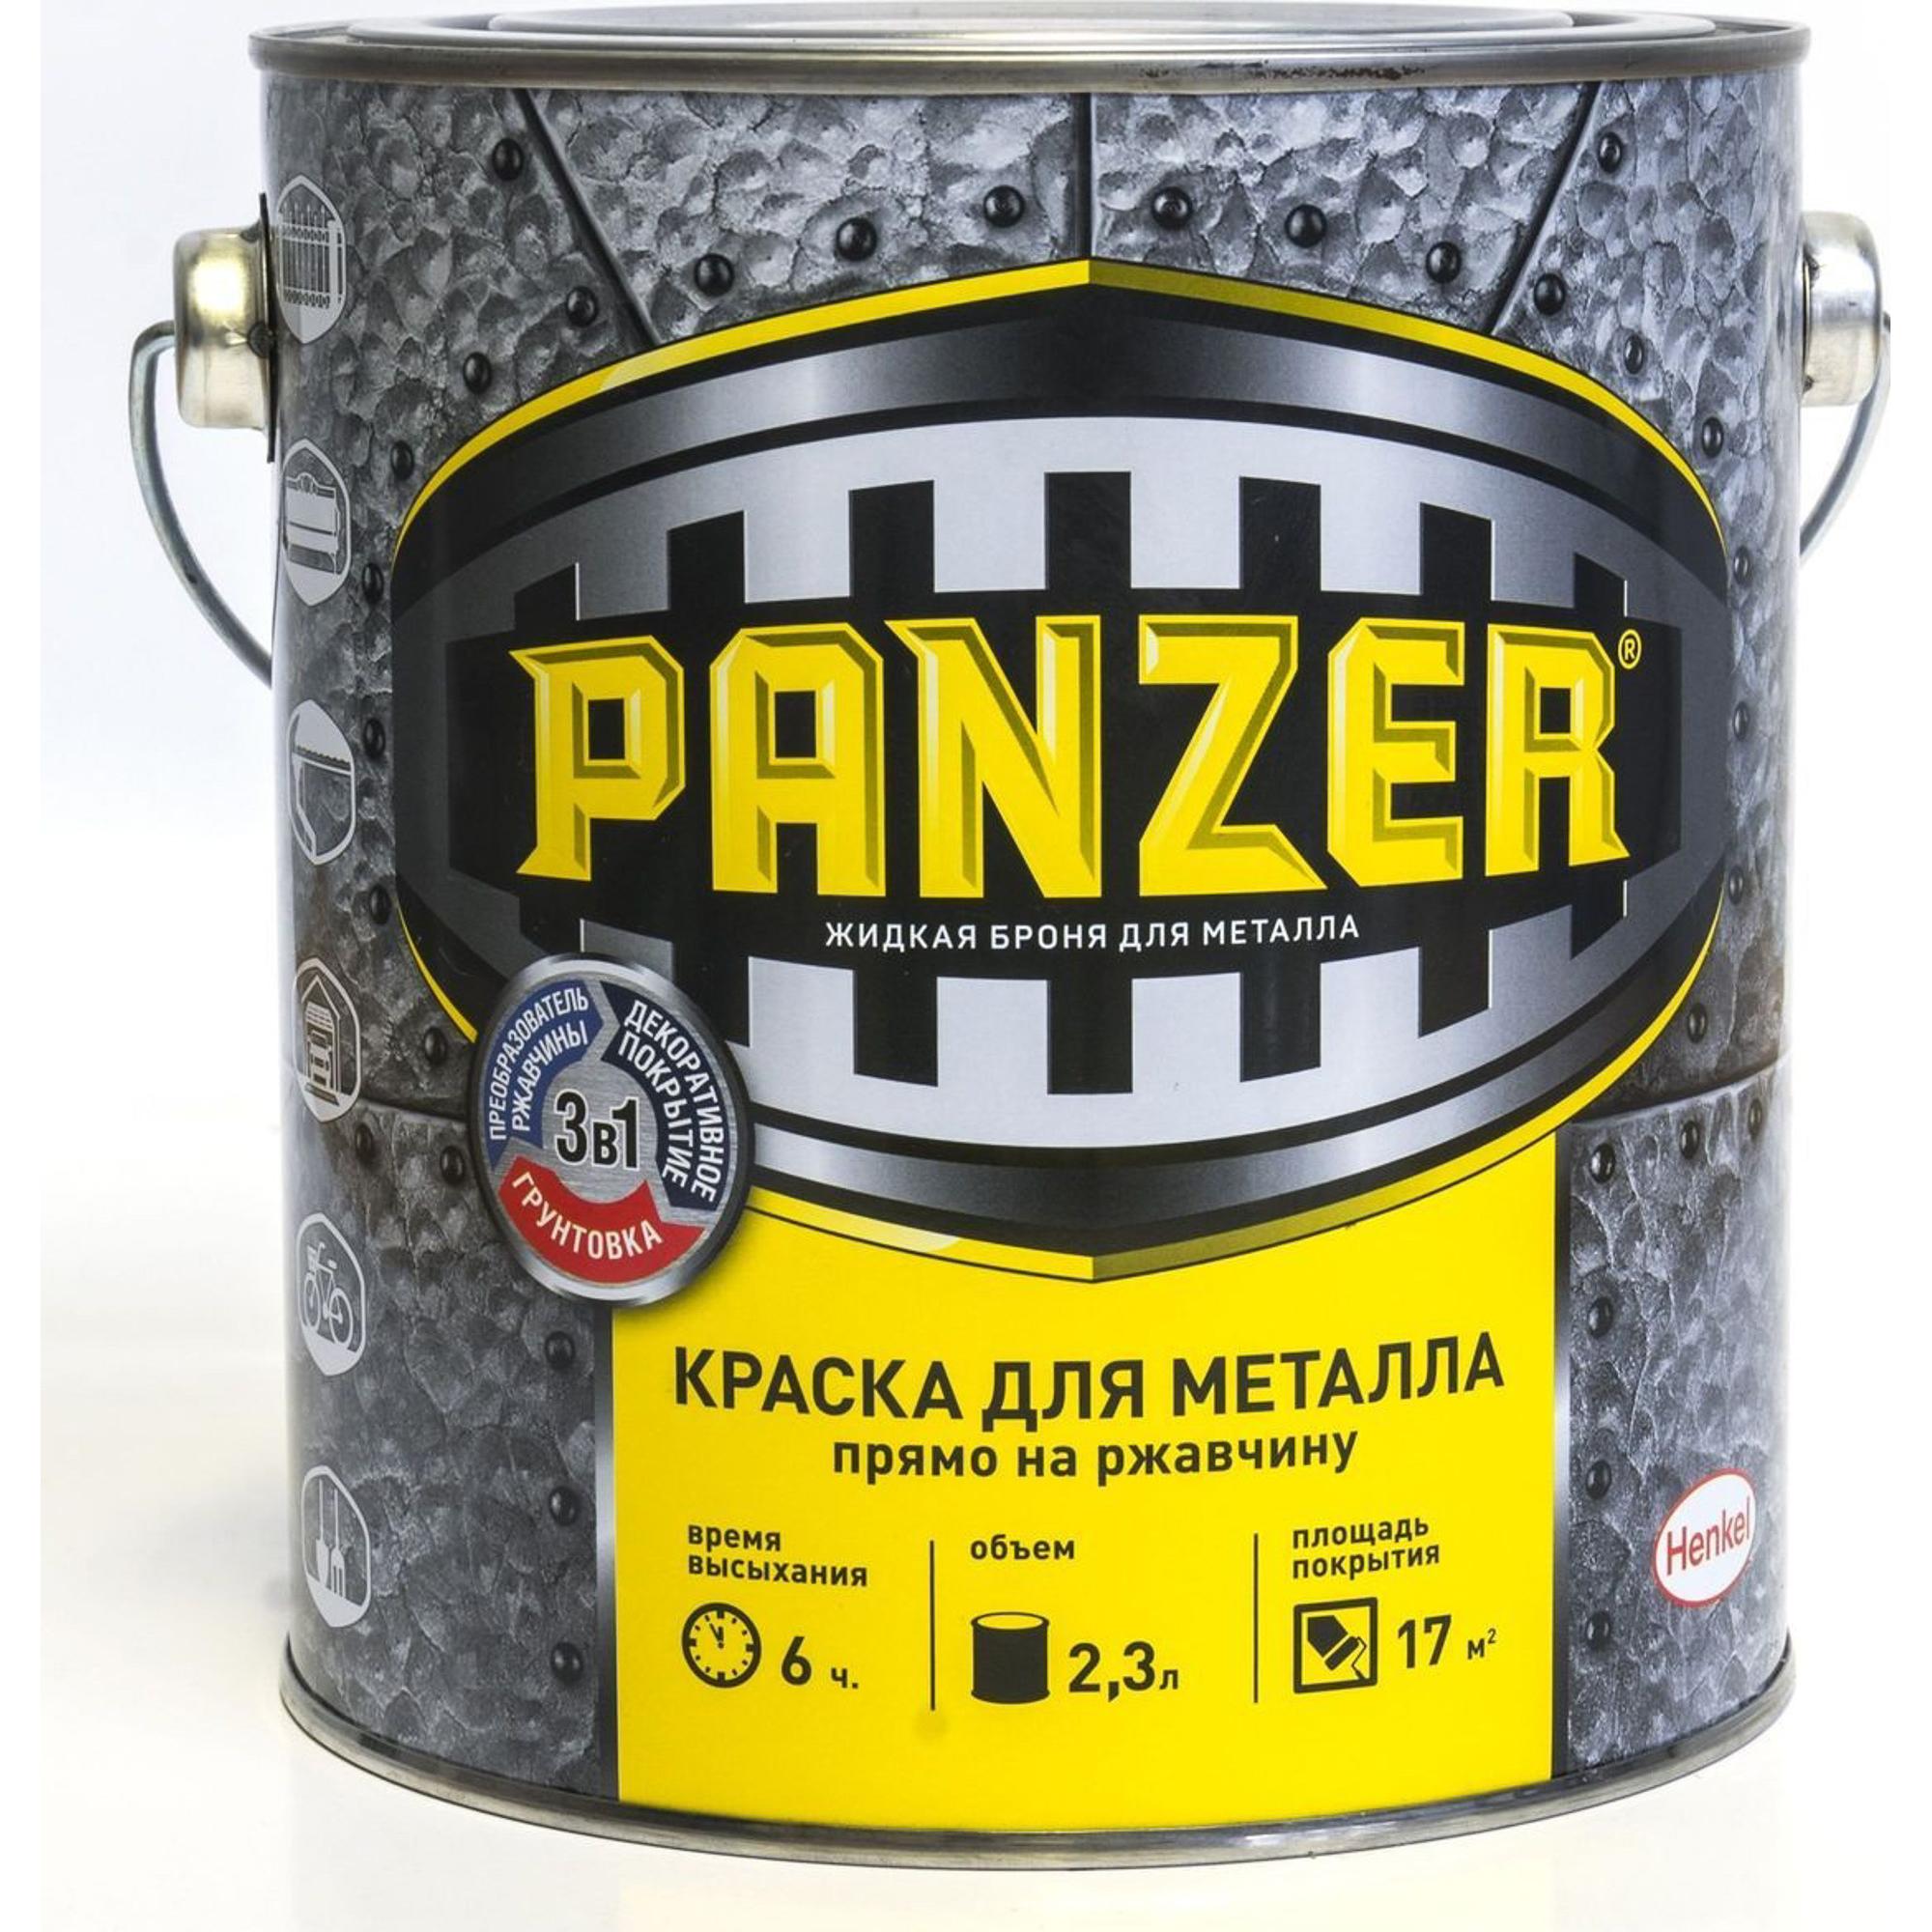 Краска для металла Panzer молотковая медная 2.3 л недорого